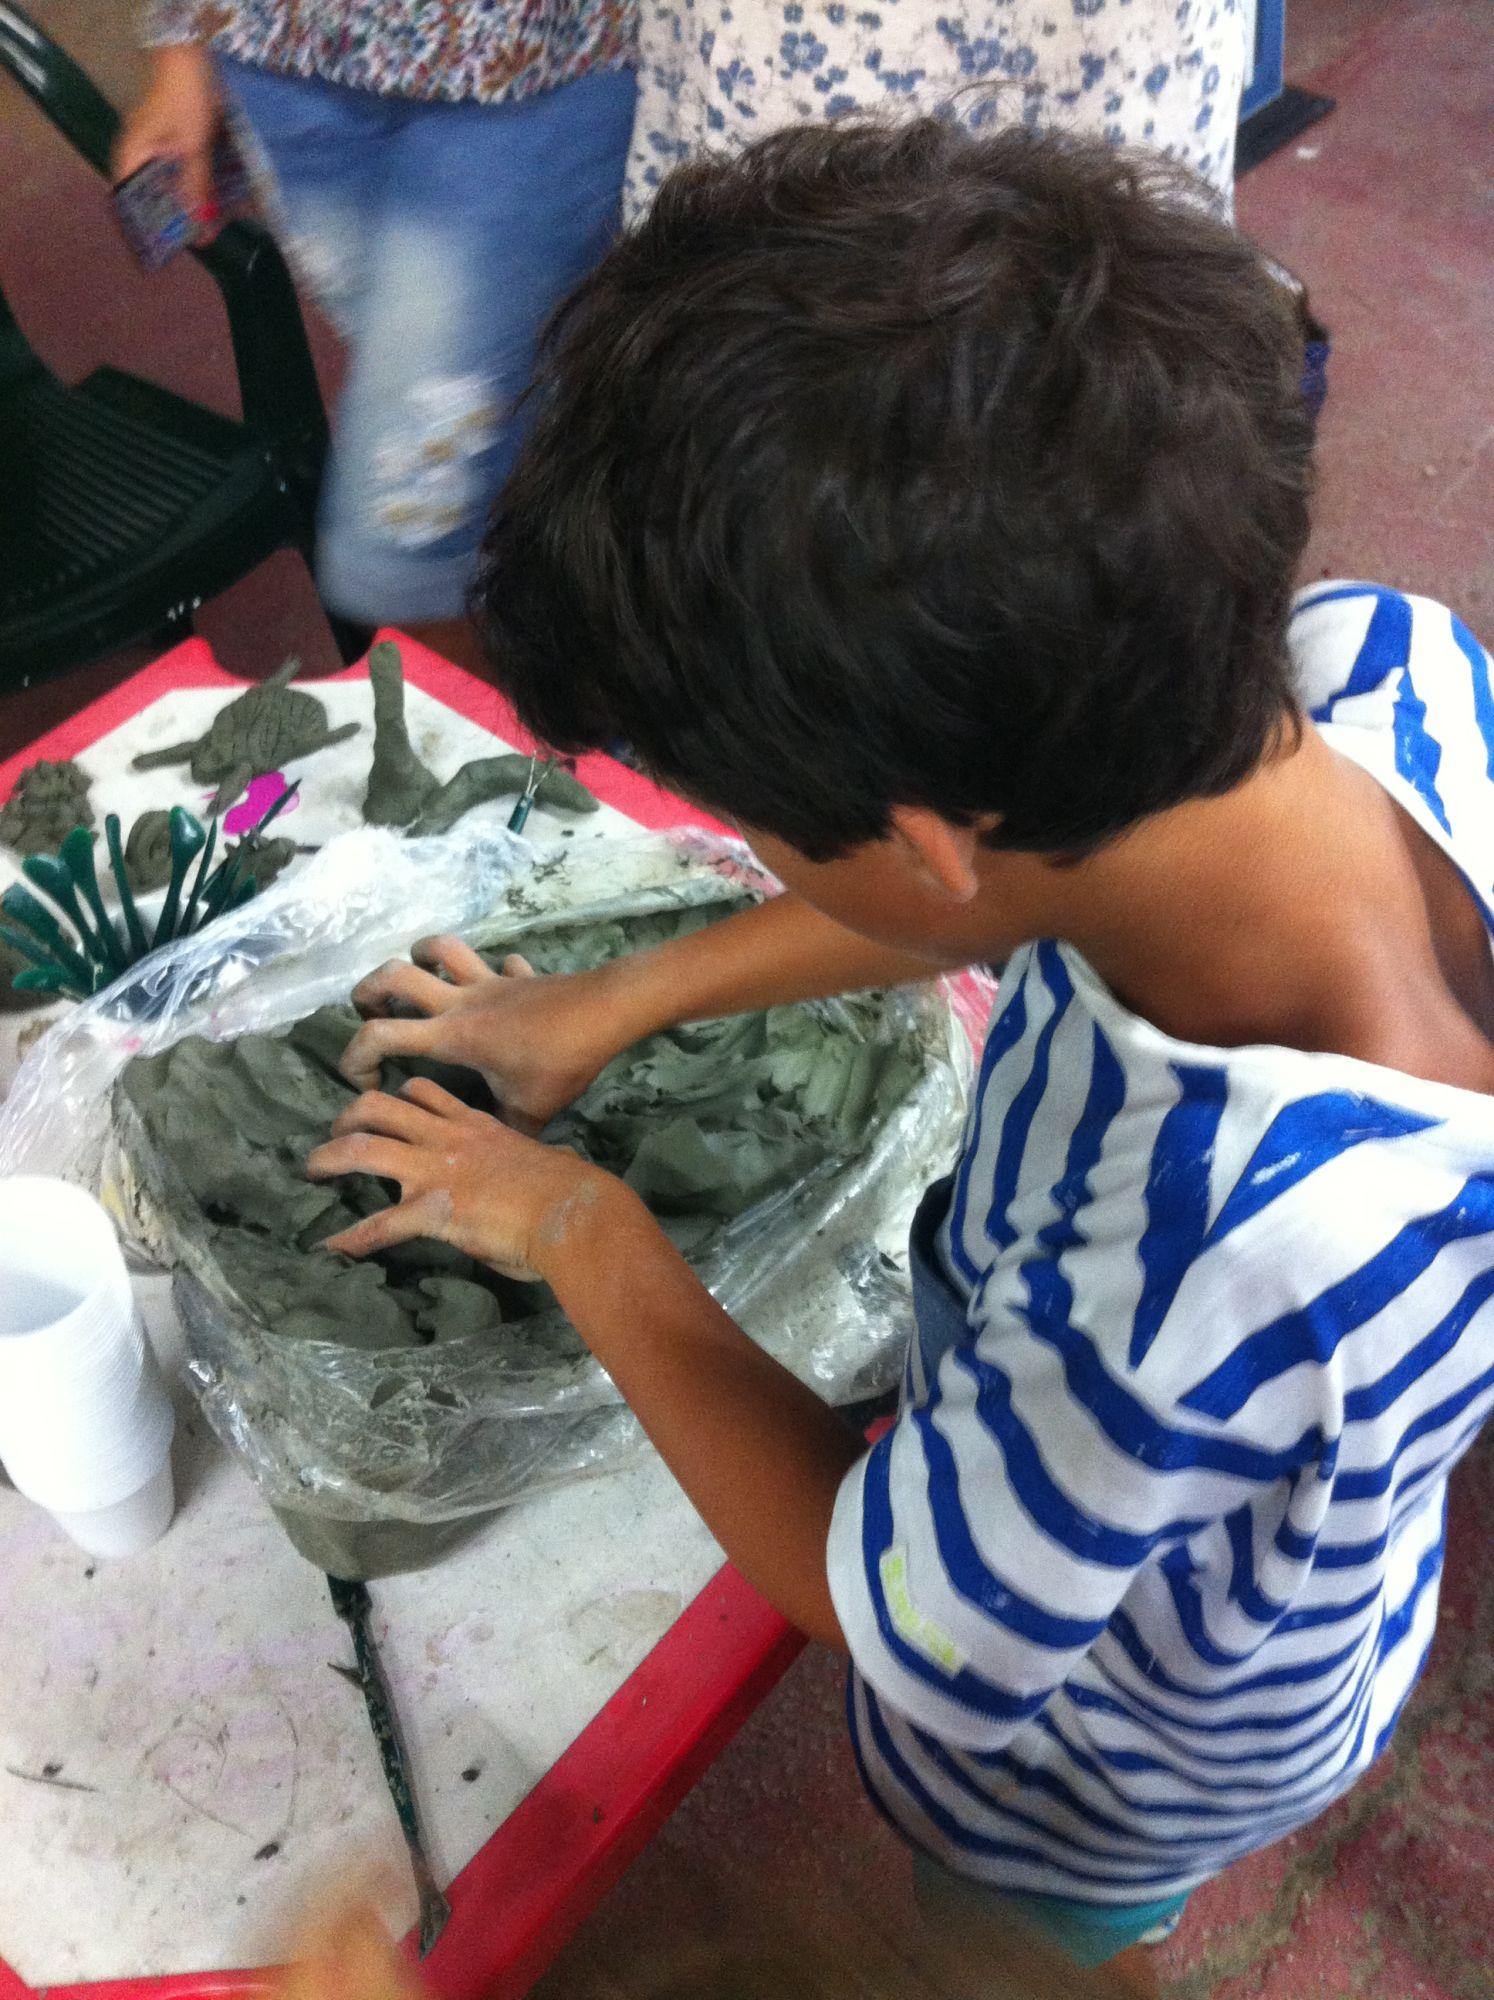 Versiliana dei Piccoli, merenda con cocomero a Ferragosto  e laboratorio di creta il giorno successivo